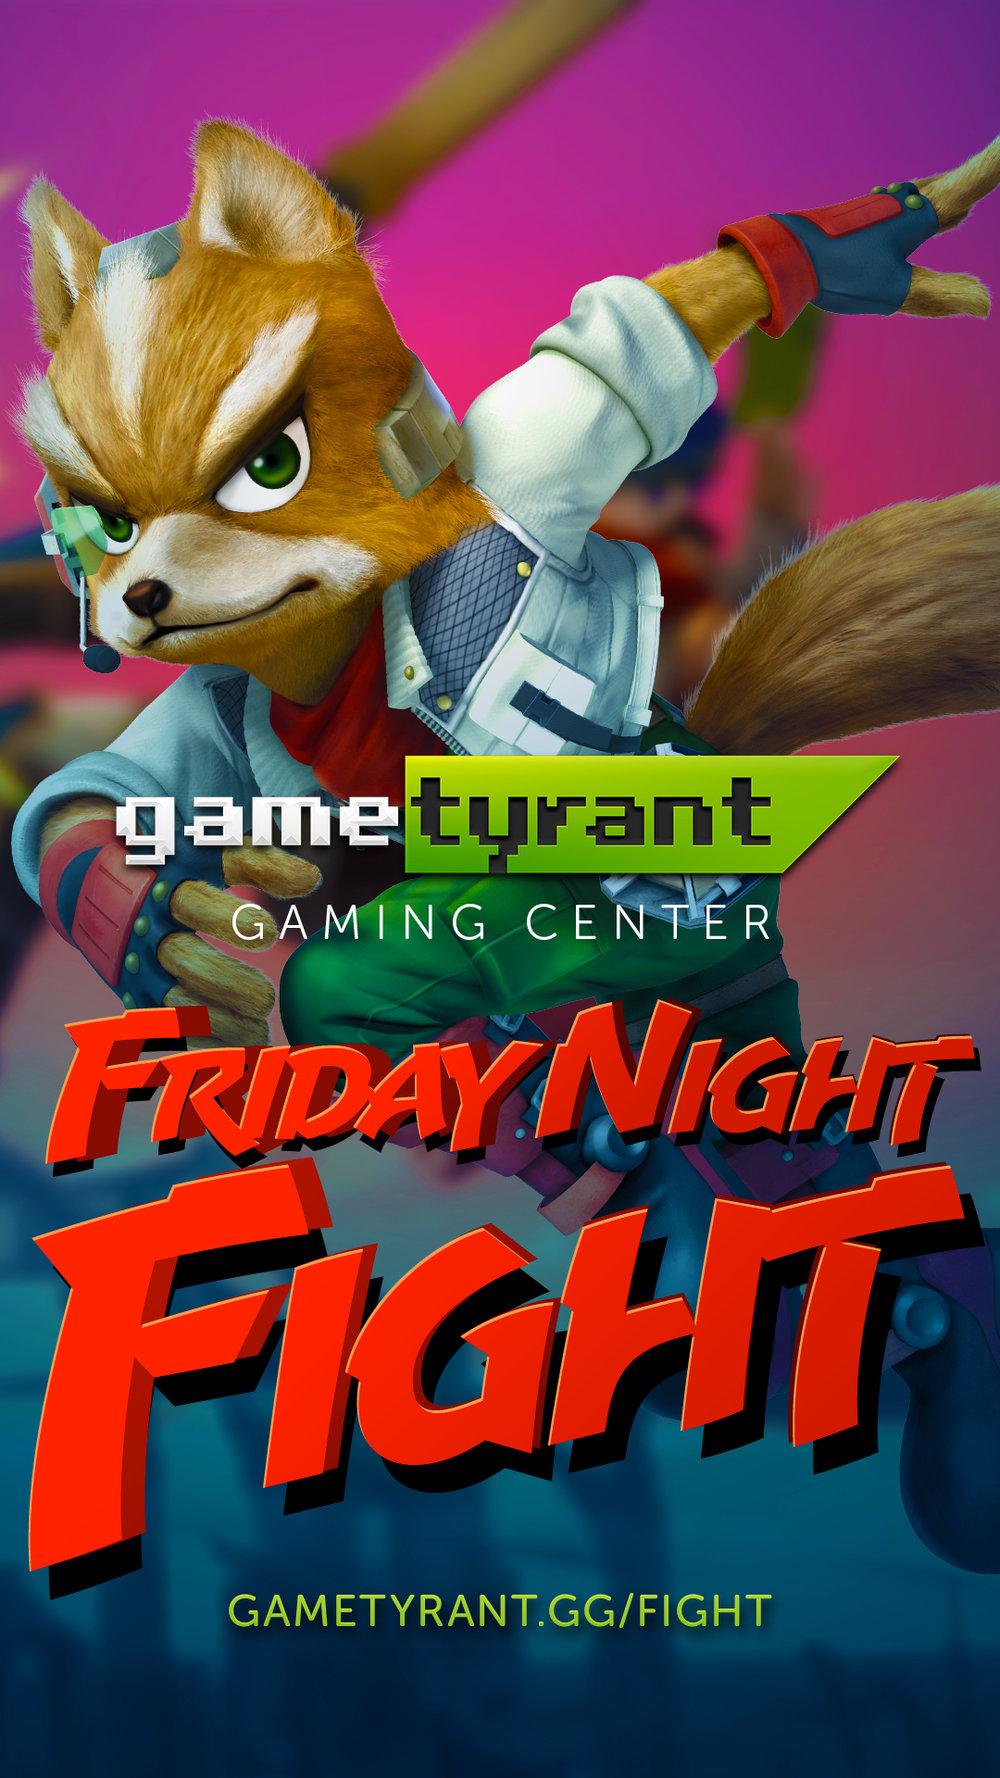 fnf-fox.jpg